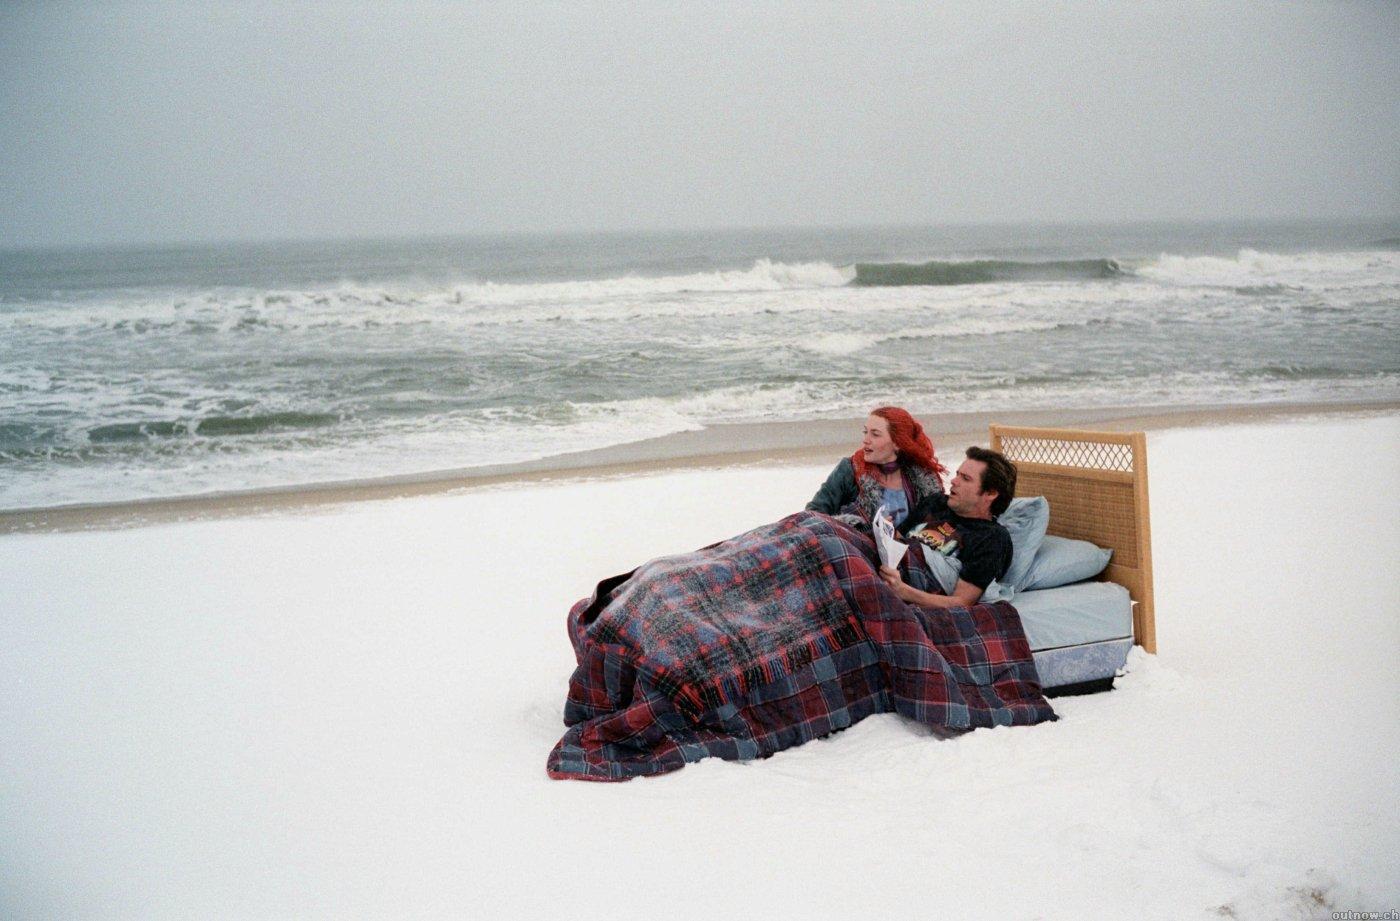 Joel e Clementine chegam a representar a desmaterialização do amor (Foto: Reprodução)